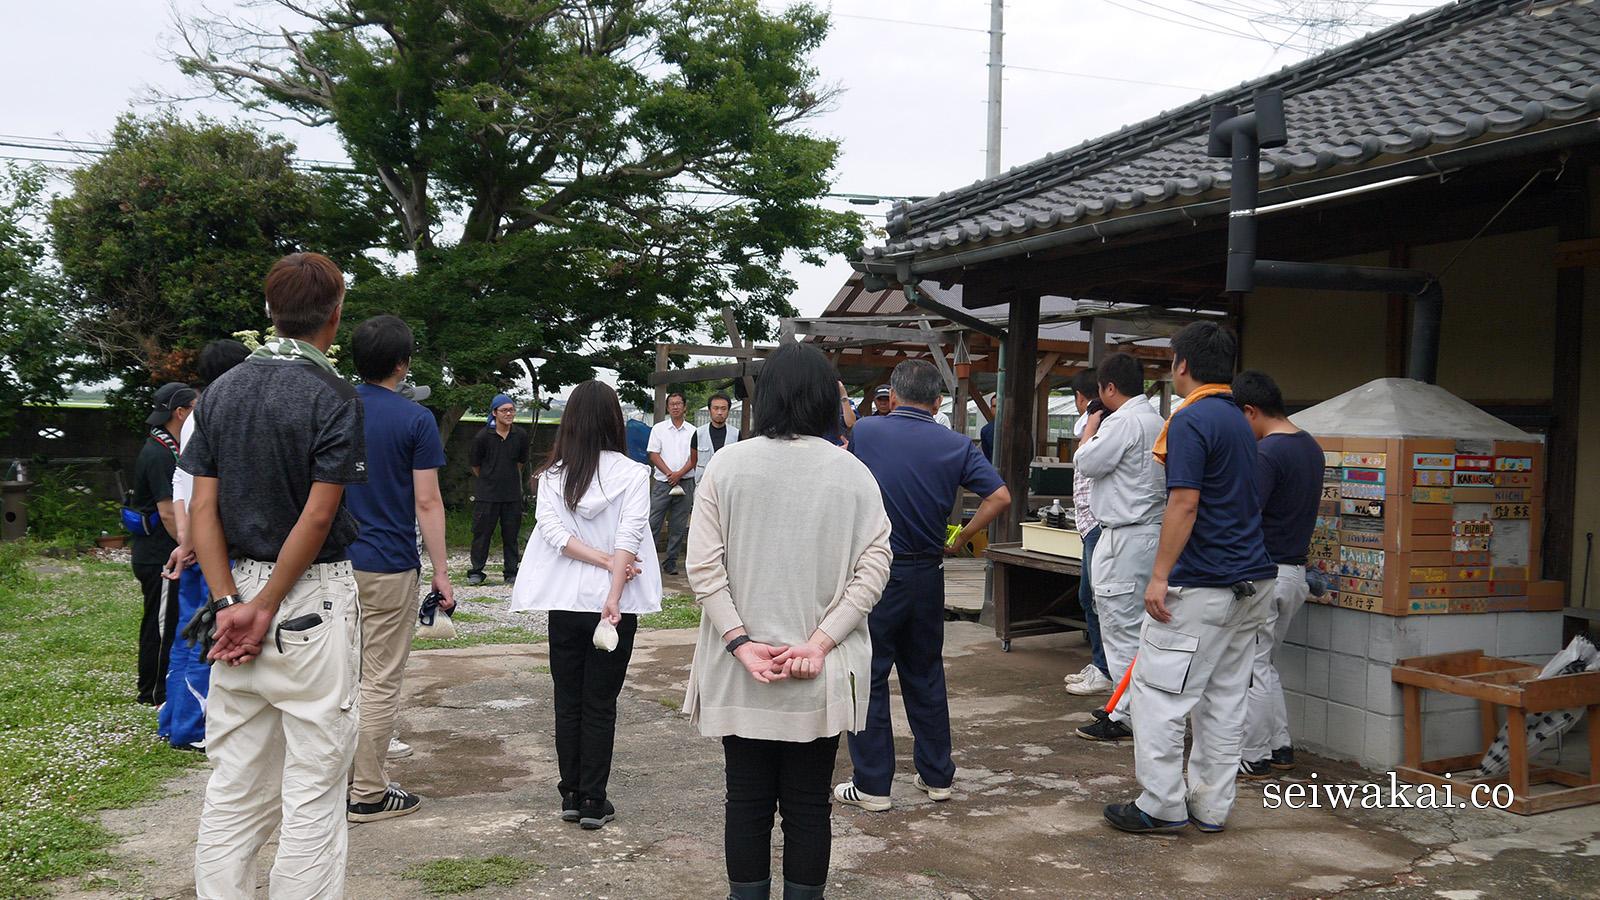 180707-seiwakai02